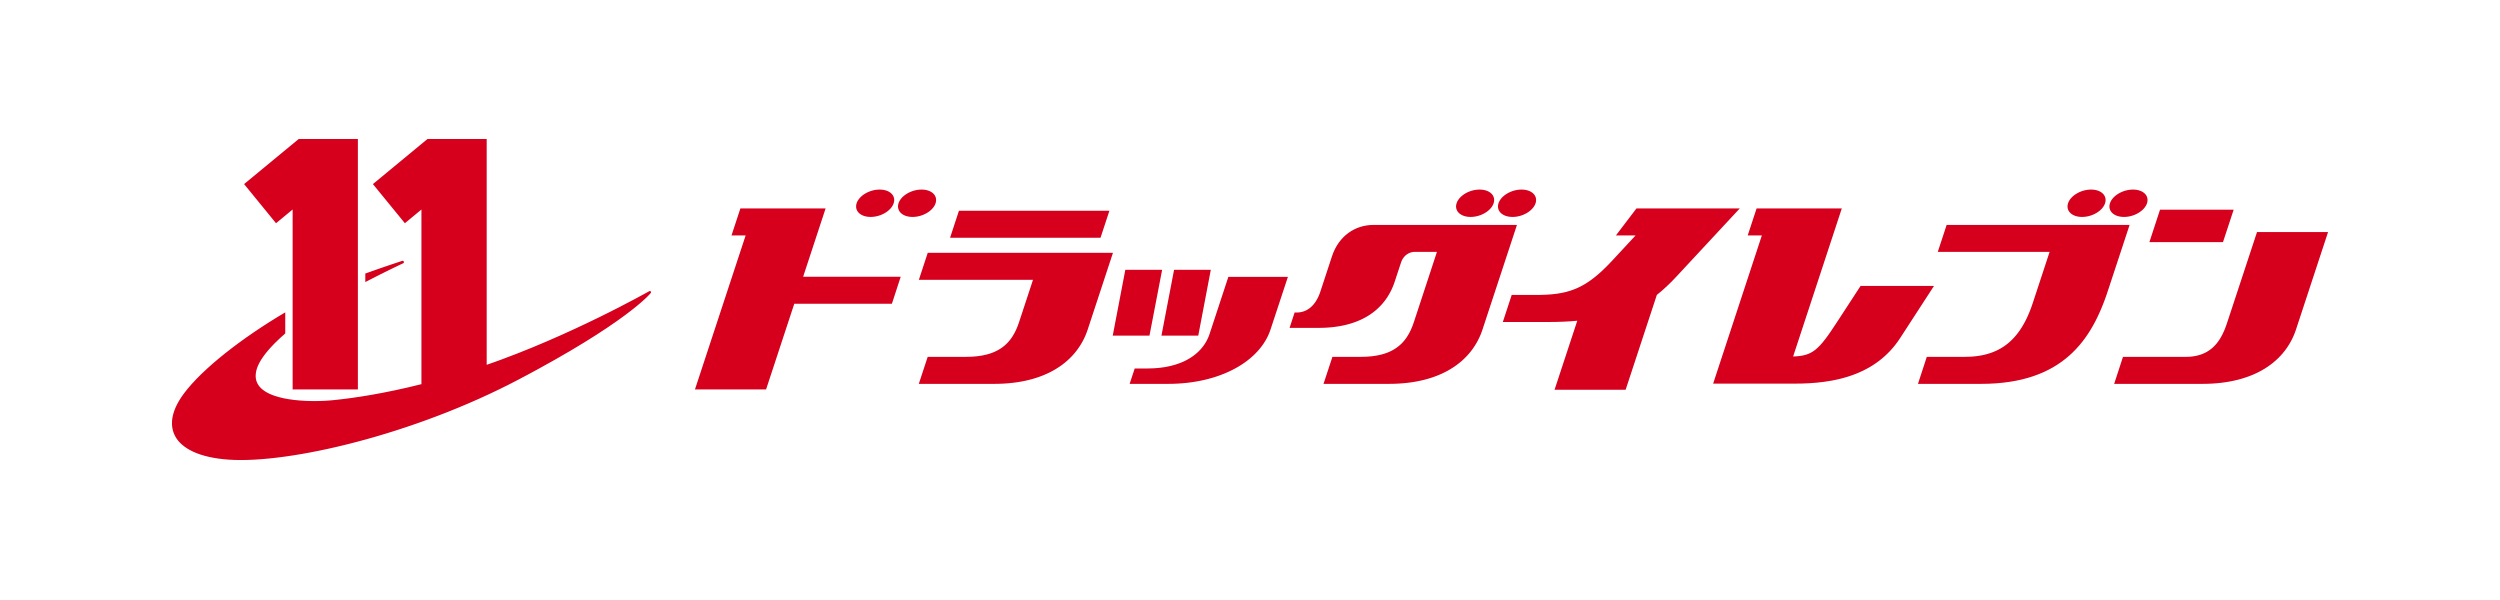 ショップロゴ